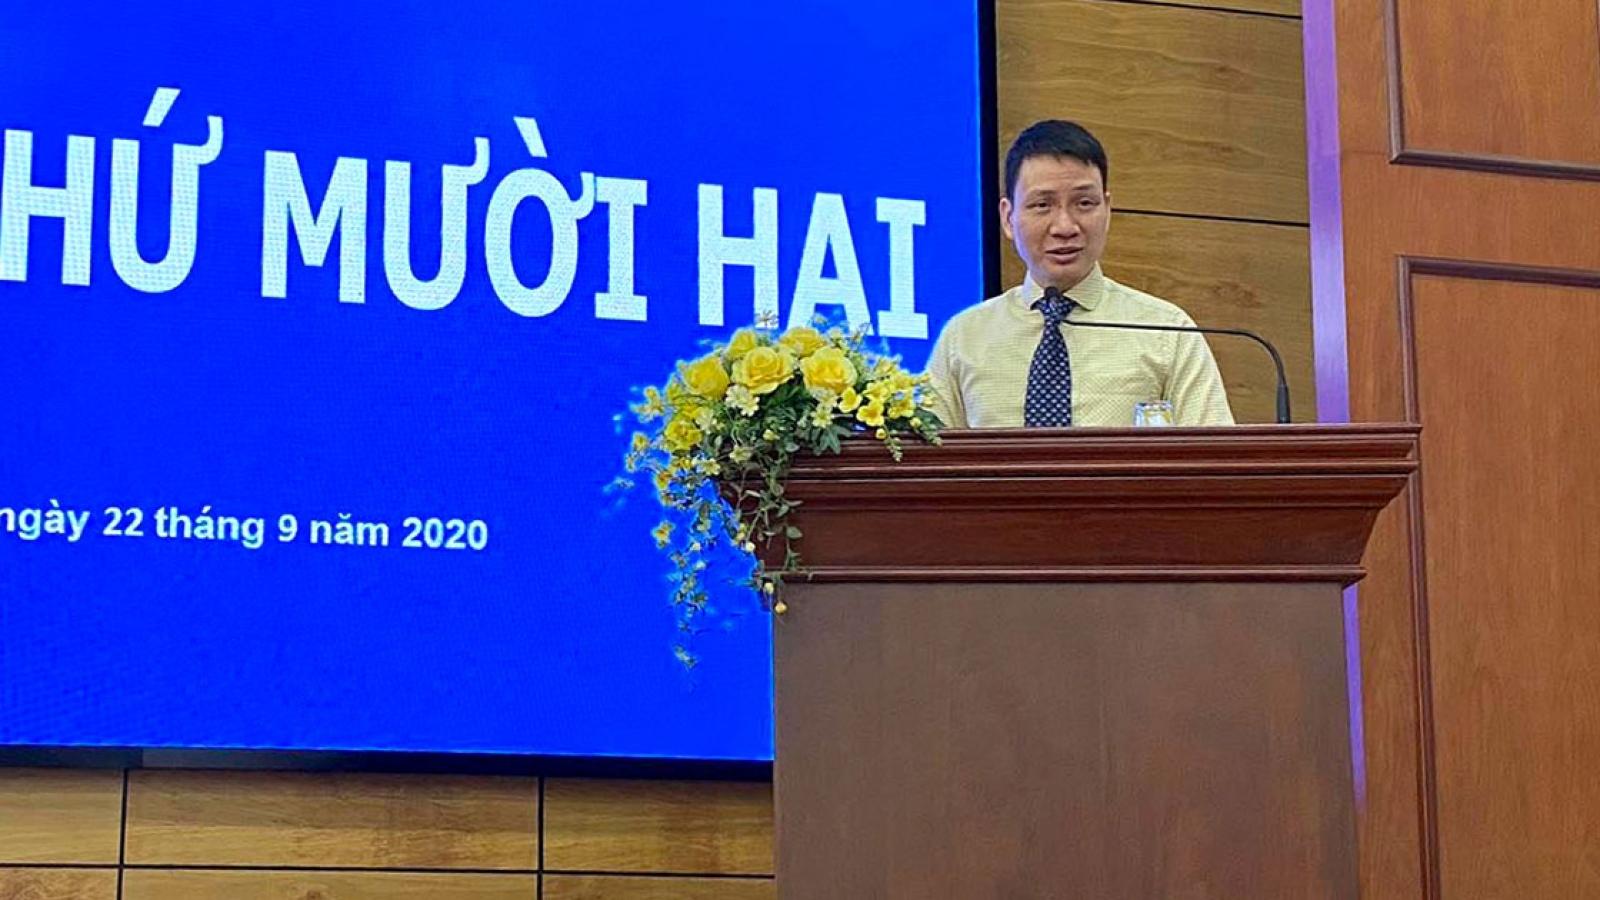 Ông Trương Trung Kiên được bầu giữ chức Chủ tịch UBND quận Thủ Đức, TPHCM